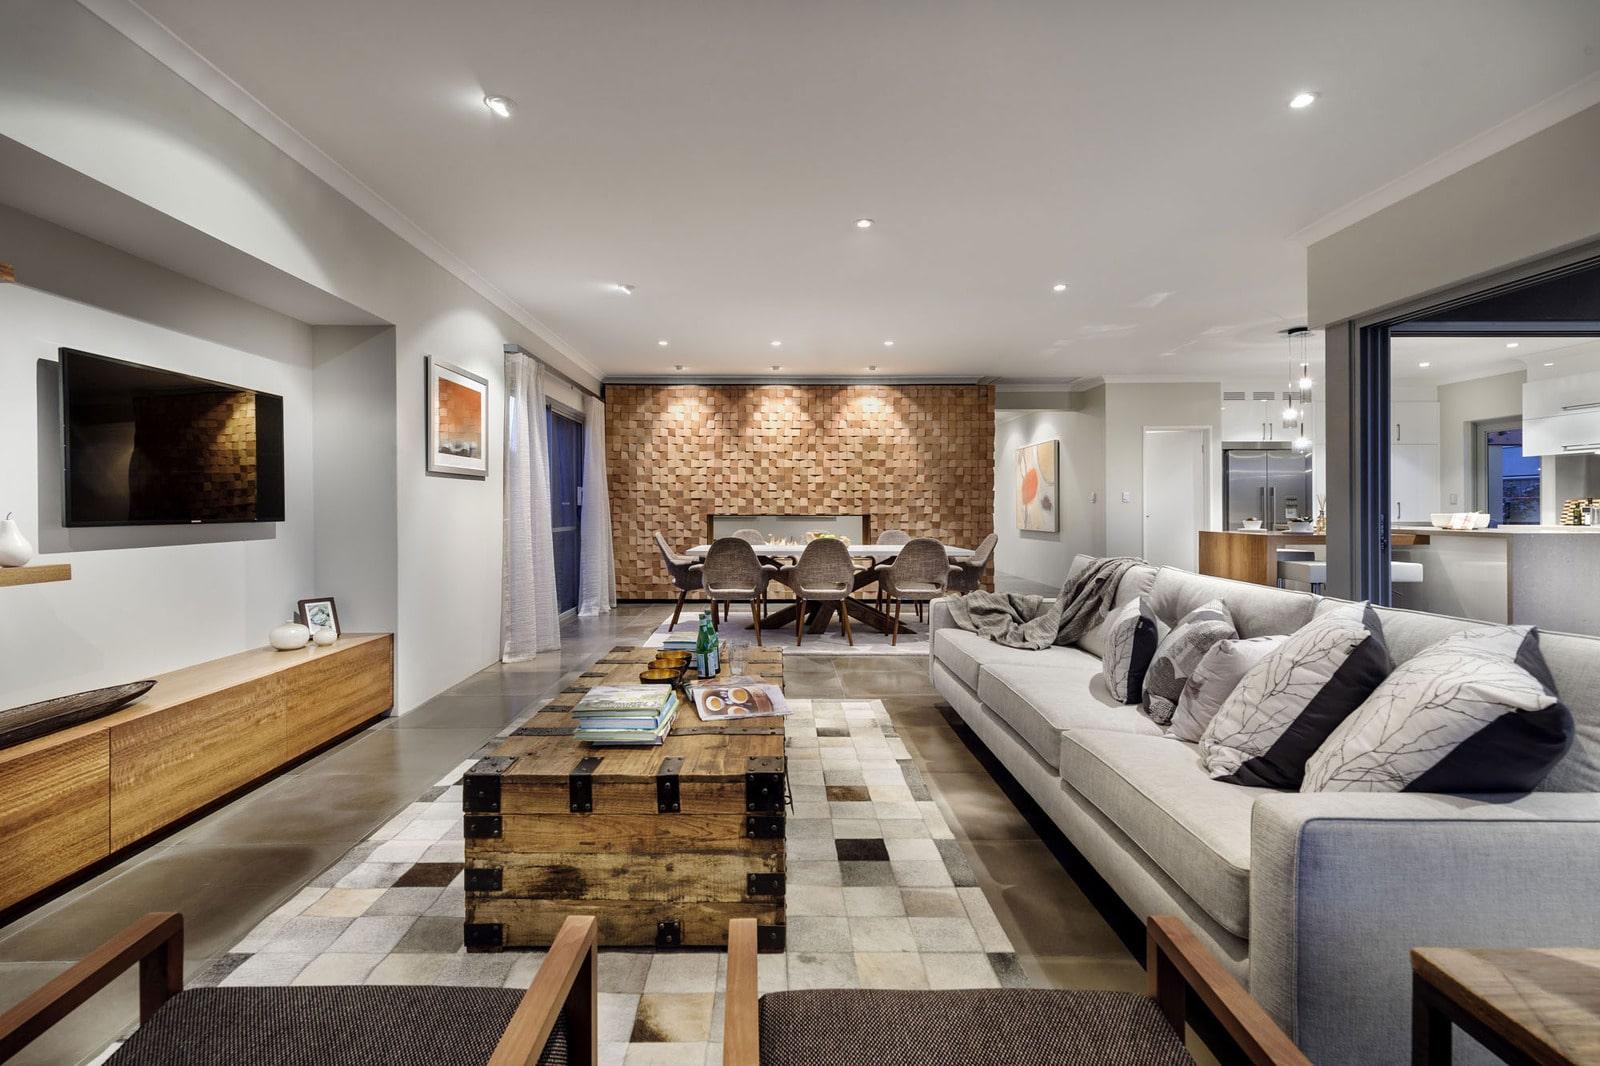 Baños Modernos Homecenter:Diseño de casa moderna de dos pisos, fachada e interiores